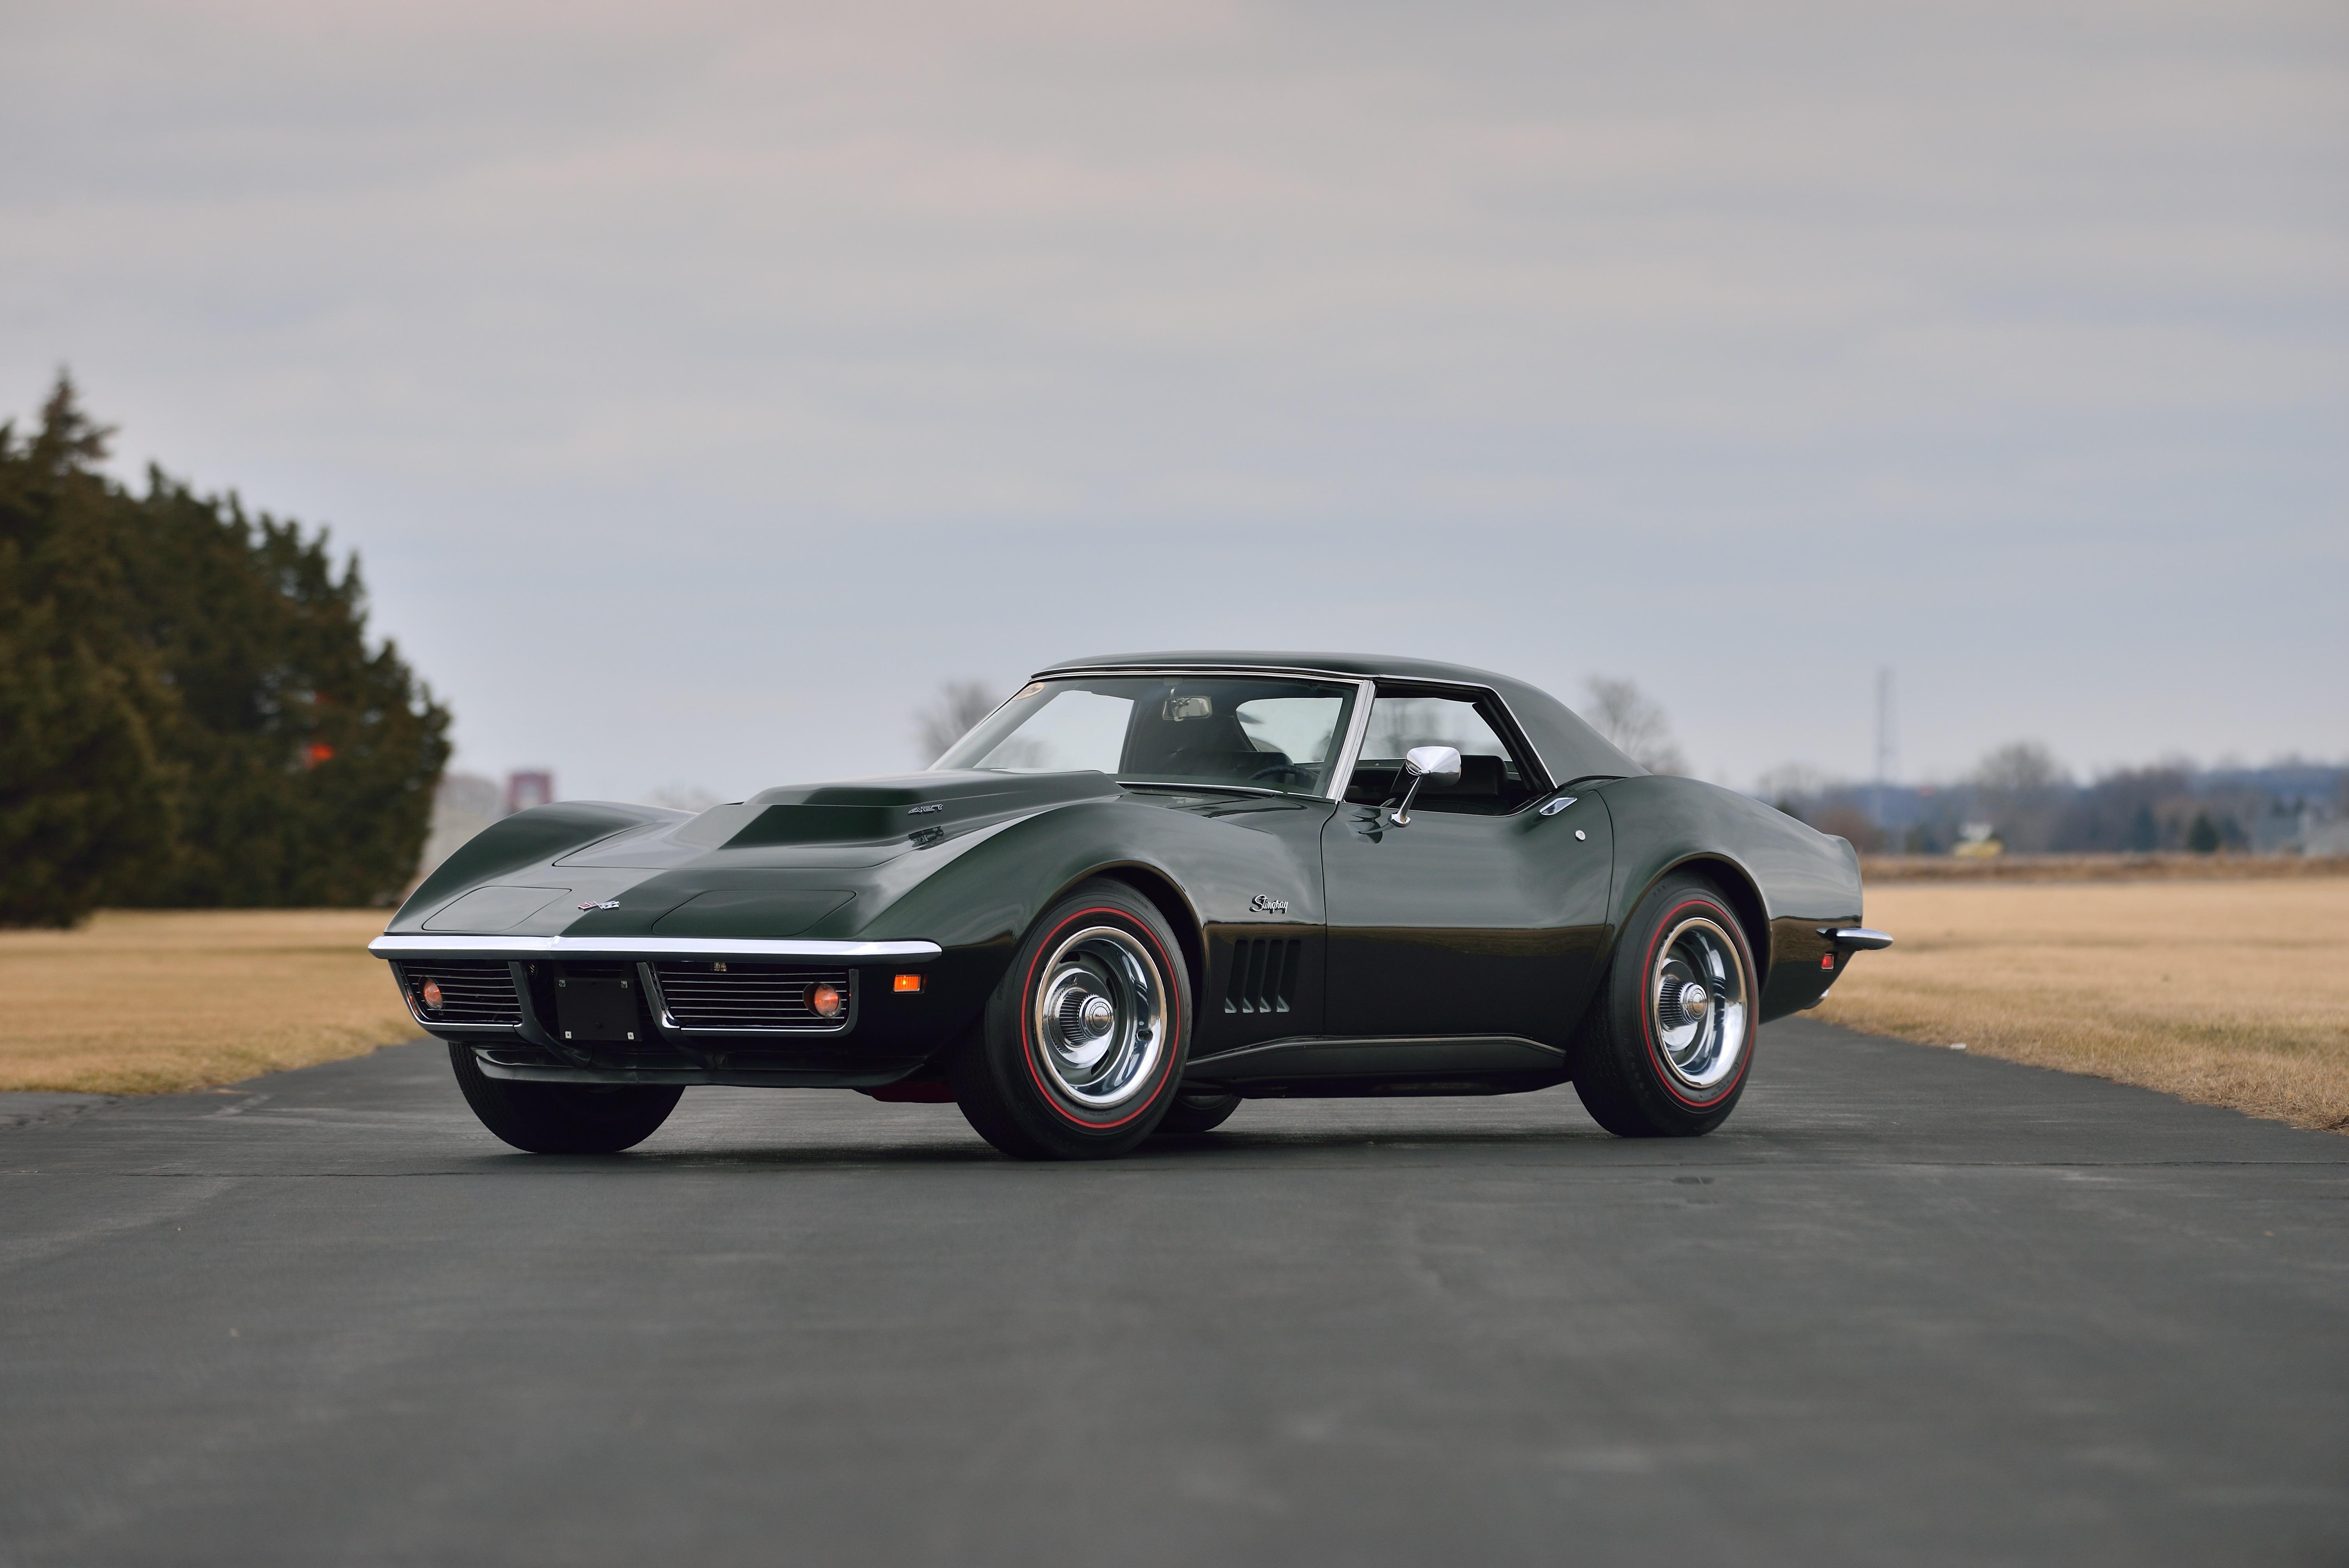 Kekurangan Chevrolet Corvette 1969 Tangguh